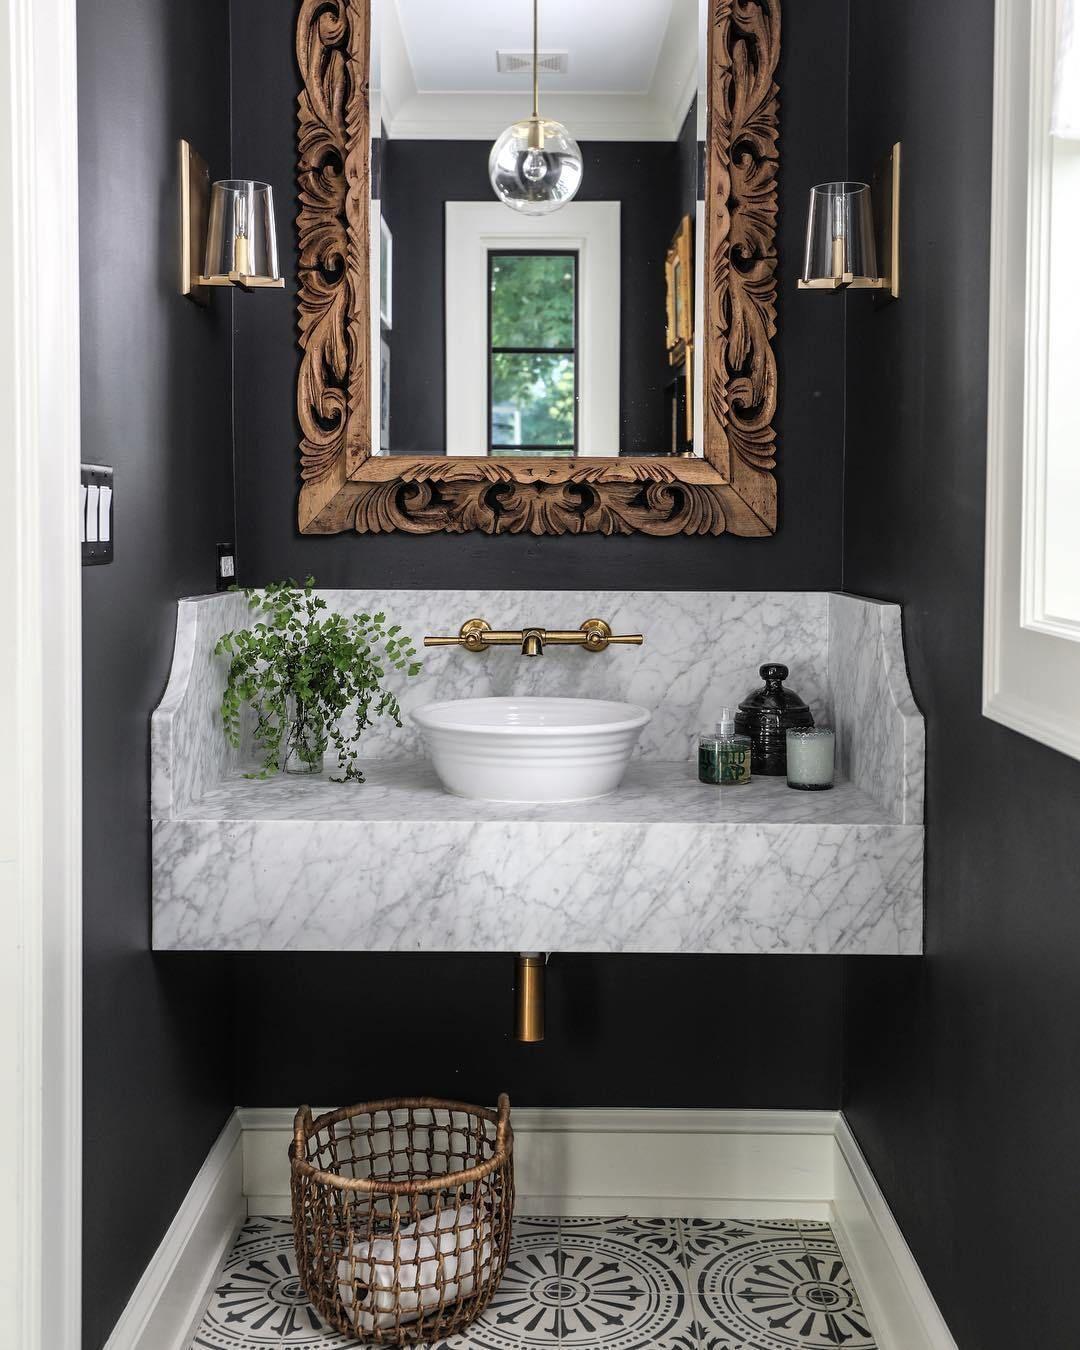 Surprising Antique Bathroom Mirror Ideas With Single Vanity Bathroom Mirror Vanity Bathroomdesign Bathroo Bathroom Trends Big Bathrooms Powder Room Design